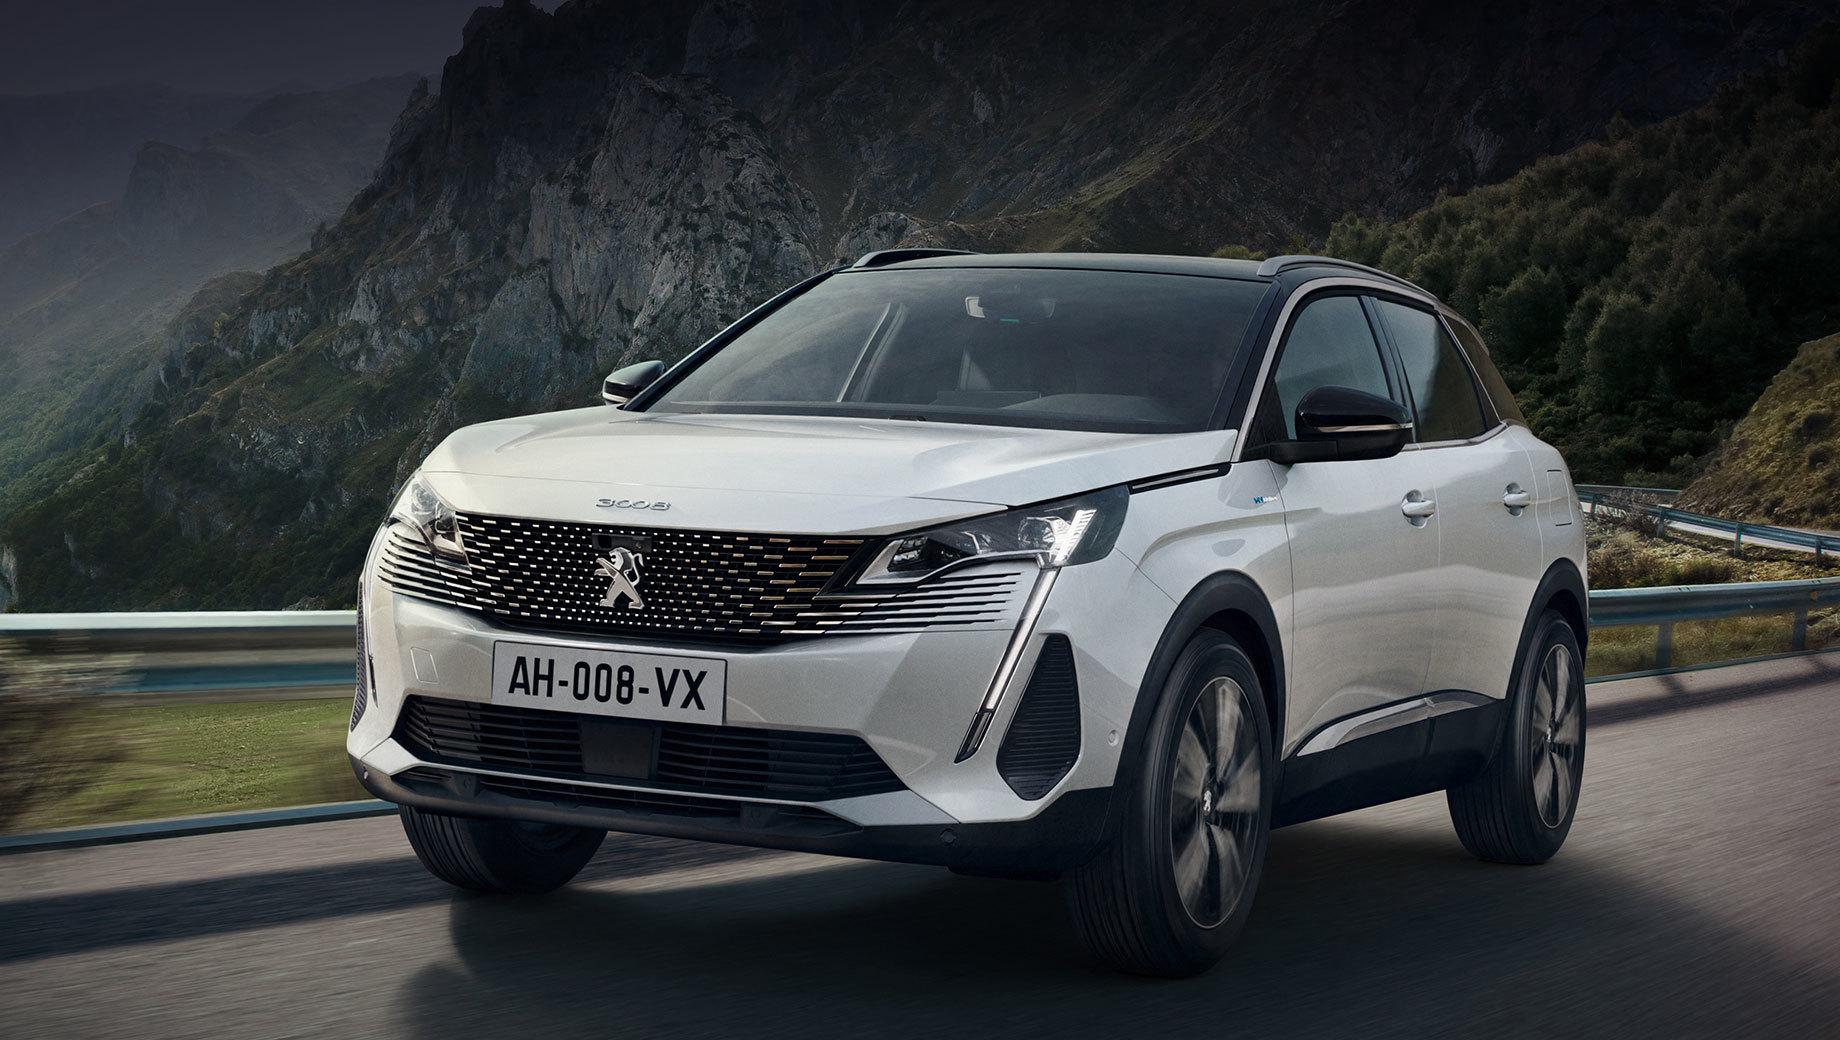 С 2025 года Peugeot не будет выпускать авто с ДВС